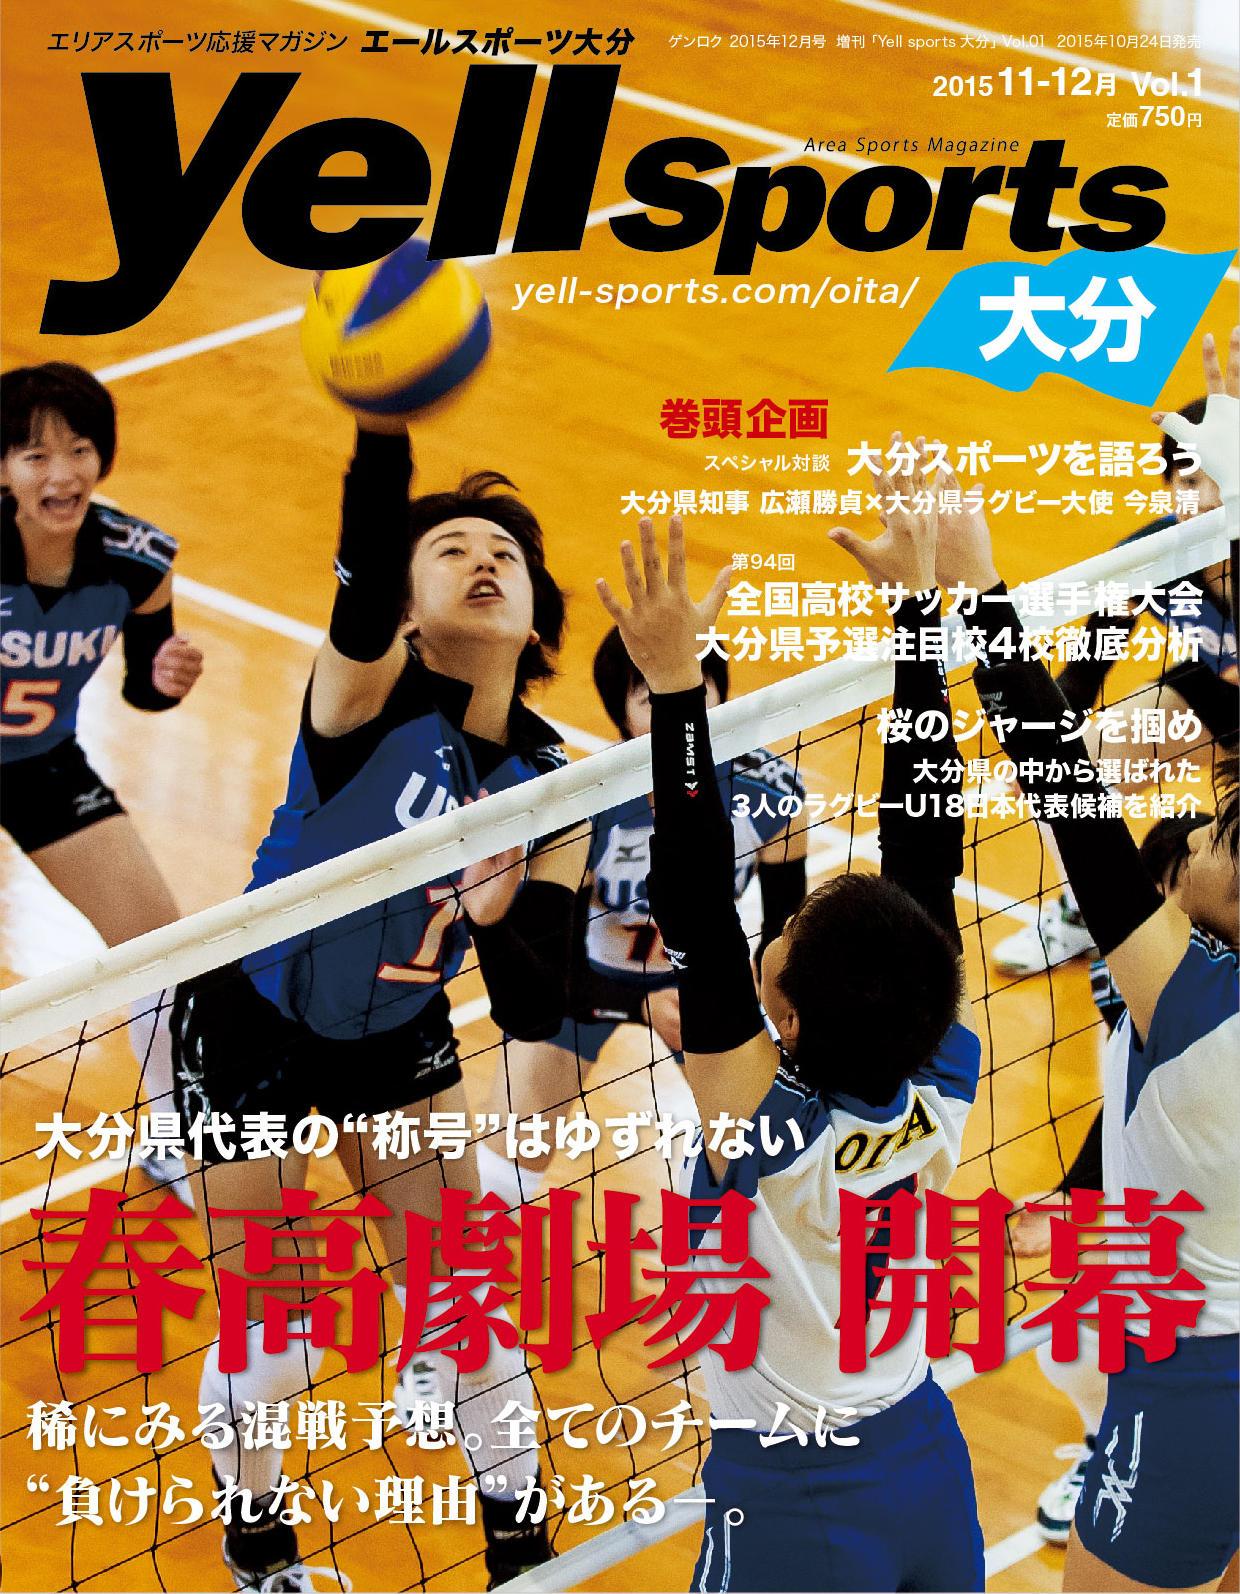 http://scrummachines.sakura.ne.jp/yell/oita/article/2015/oita1_1.jpg